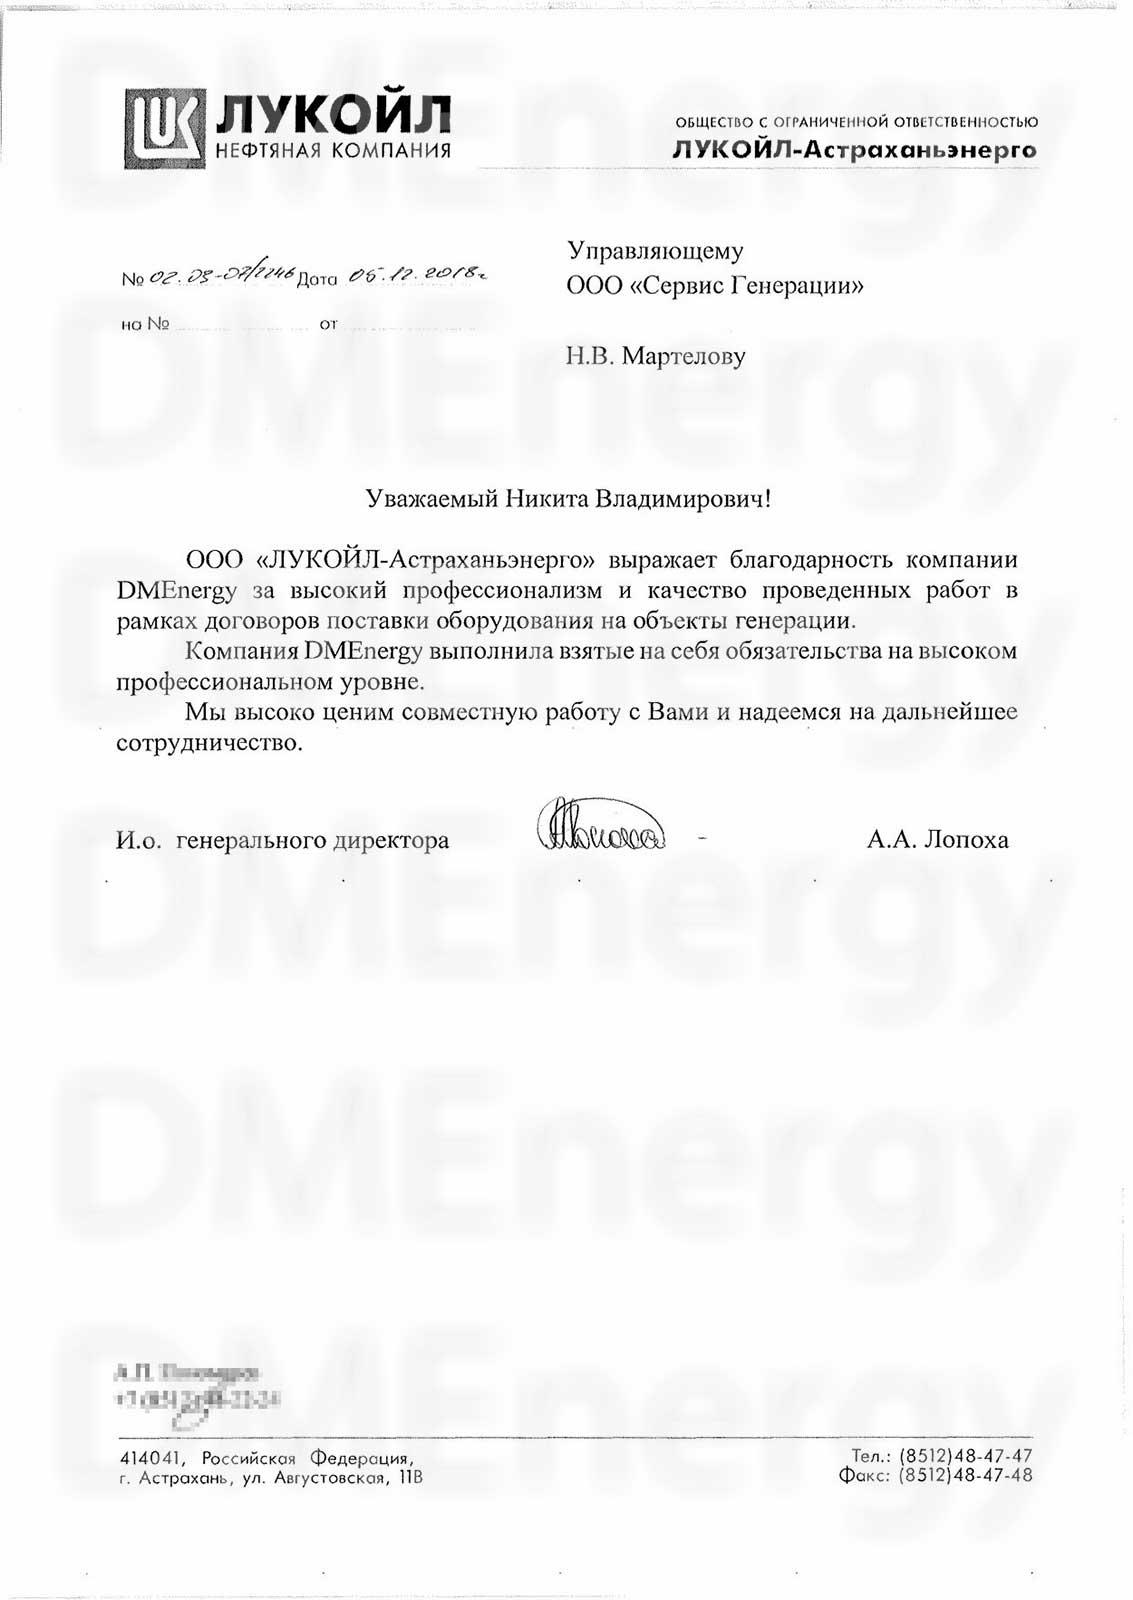 astrakhanenergo2018-large